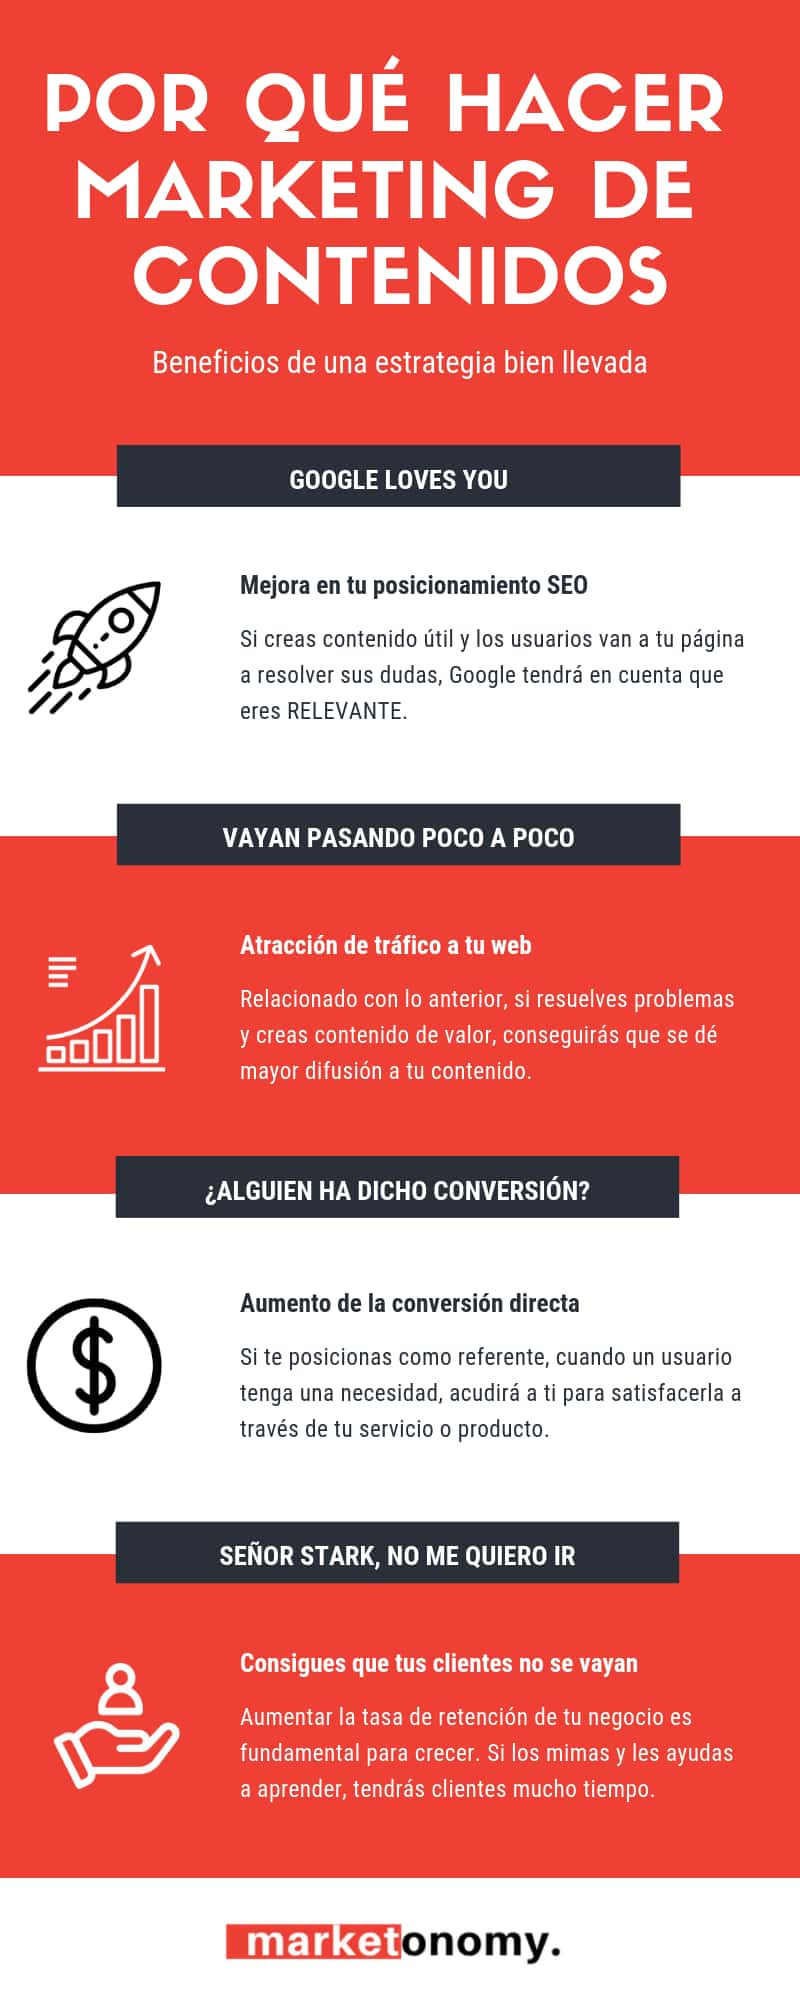 XXTendencias del marketing de contenidos para el 2019